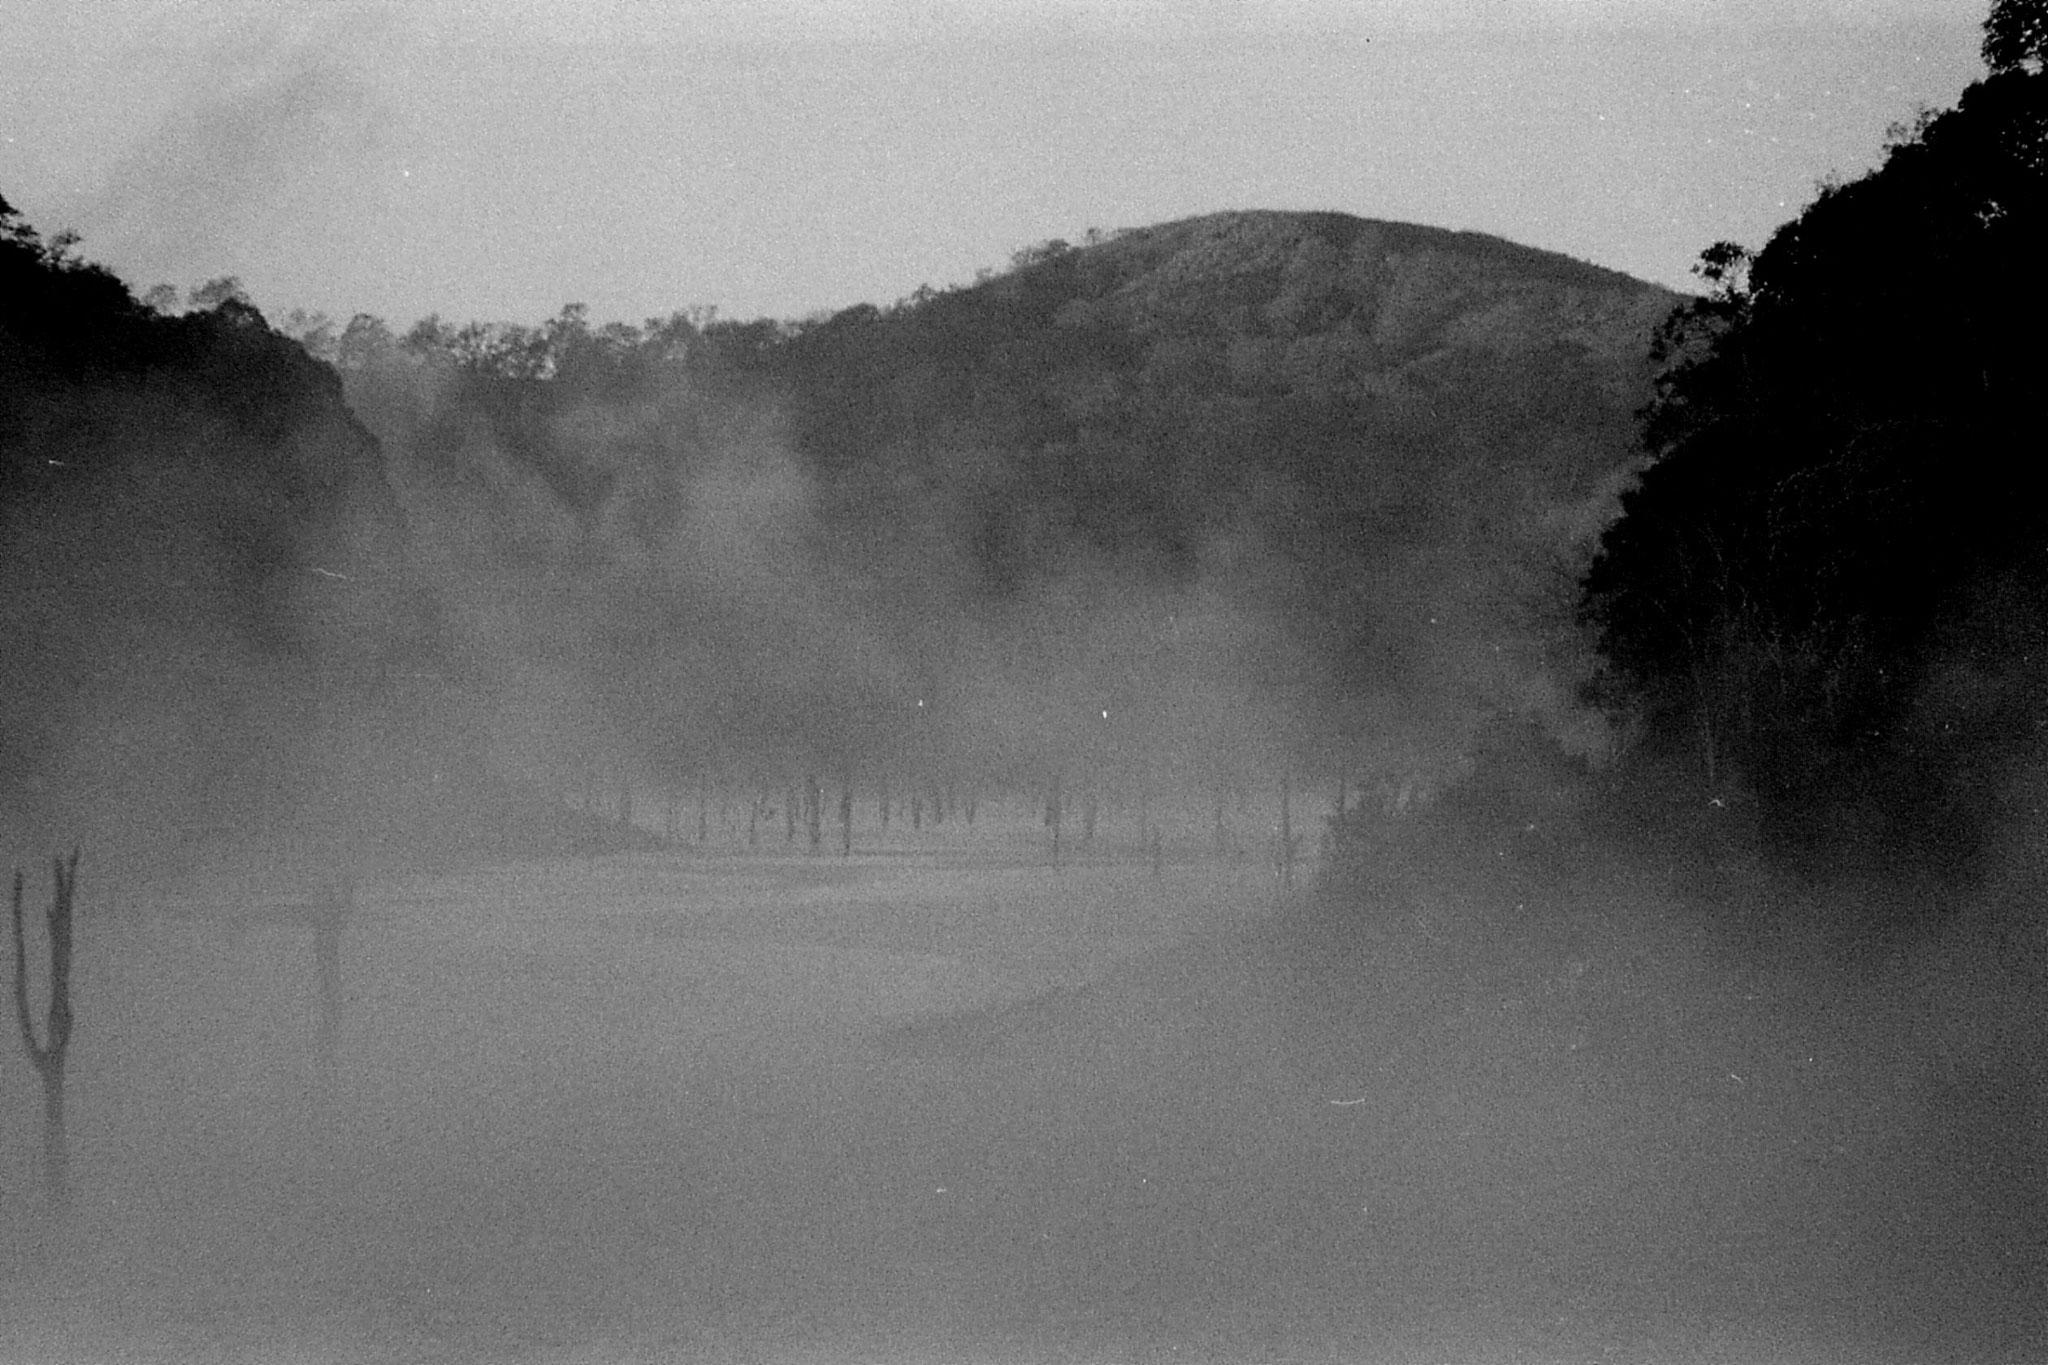 097/24: 23/2/1990 Periyar mist